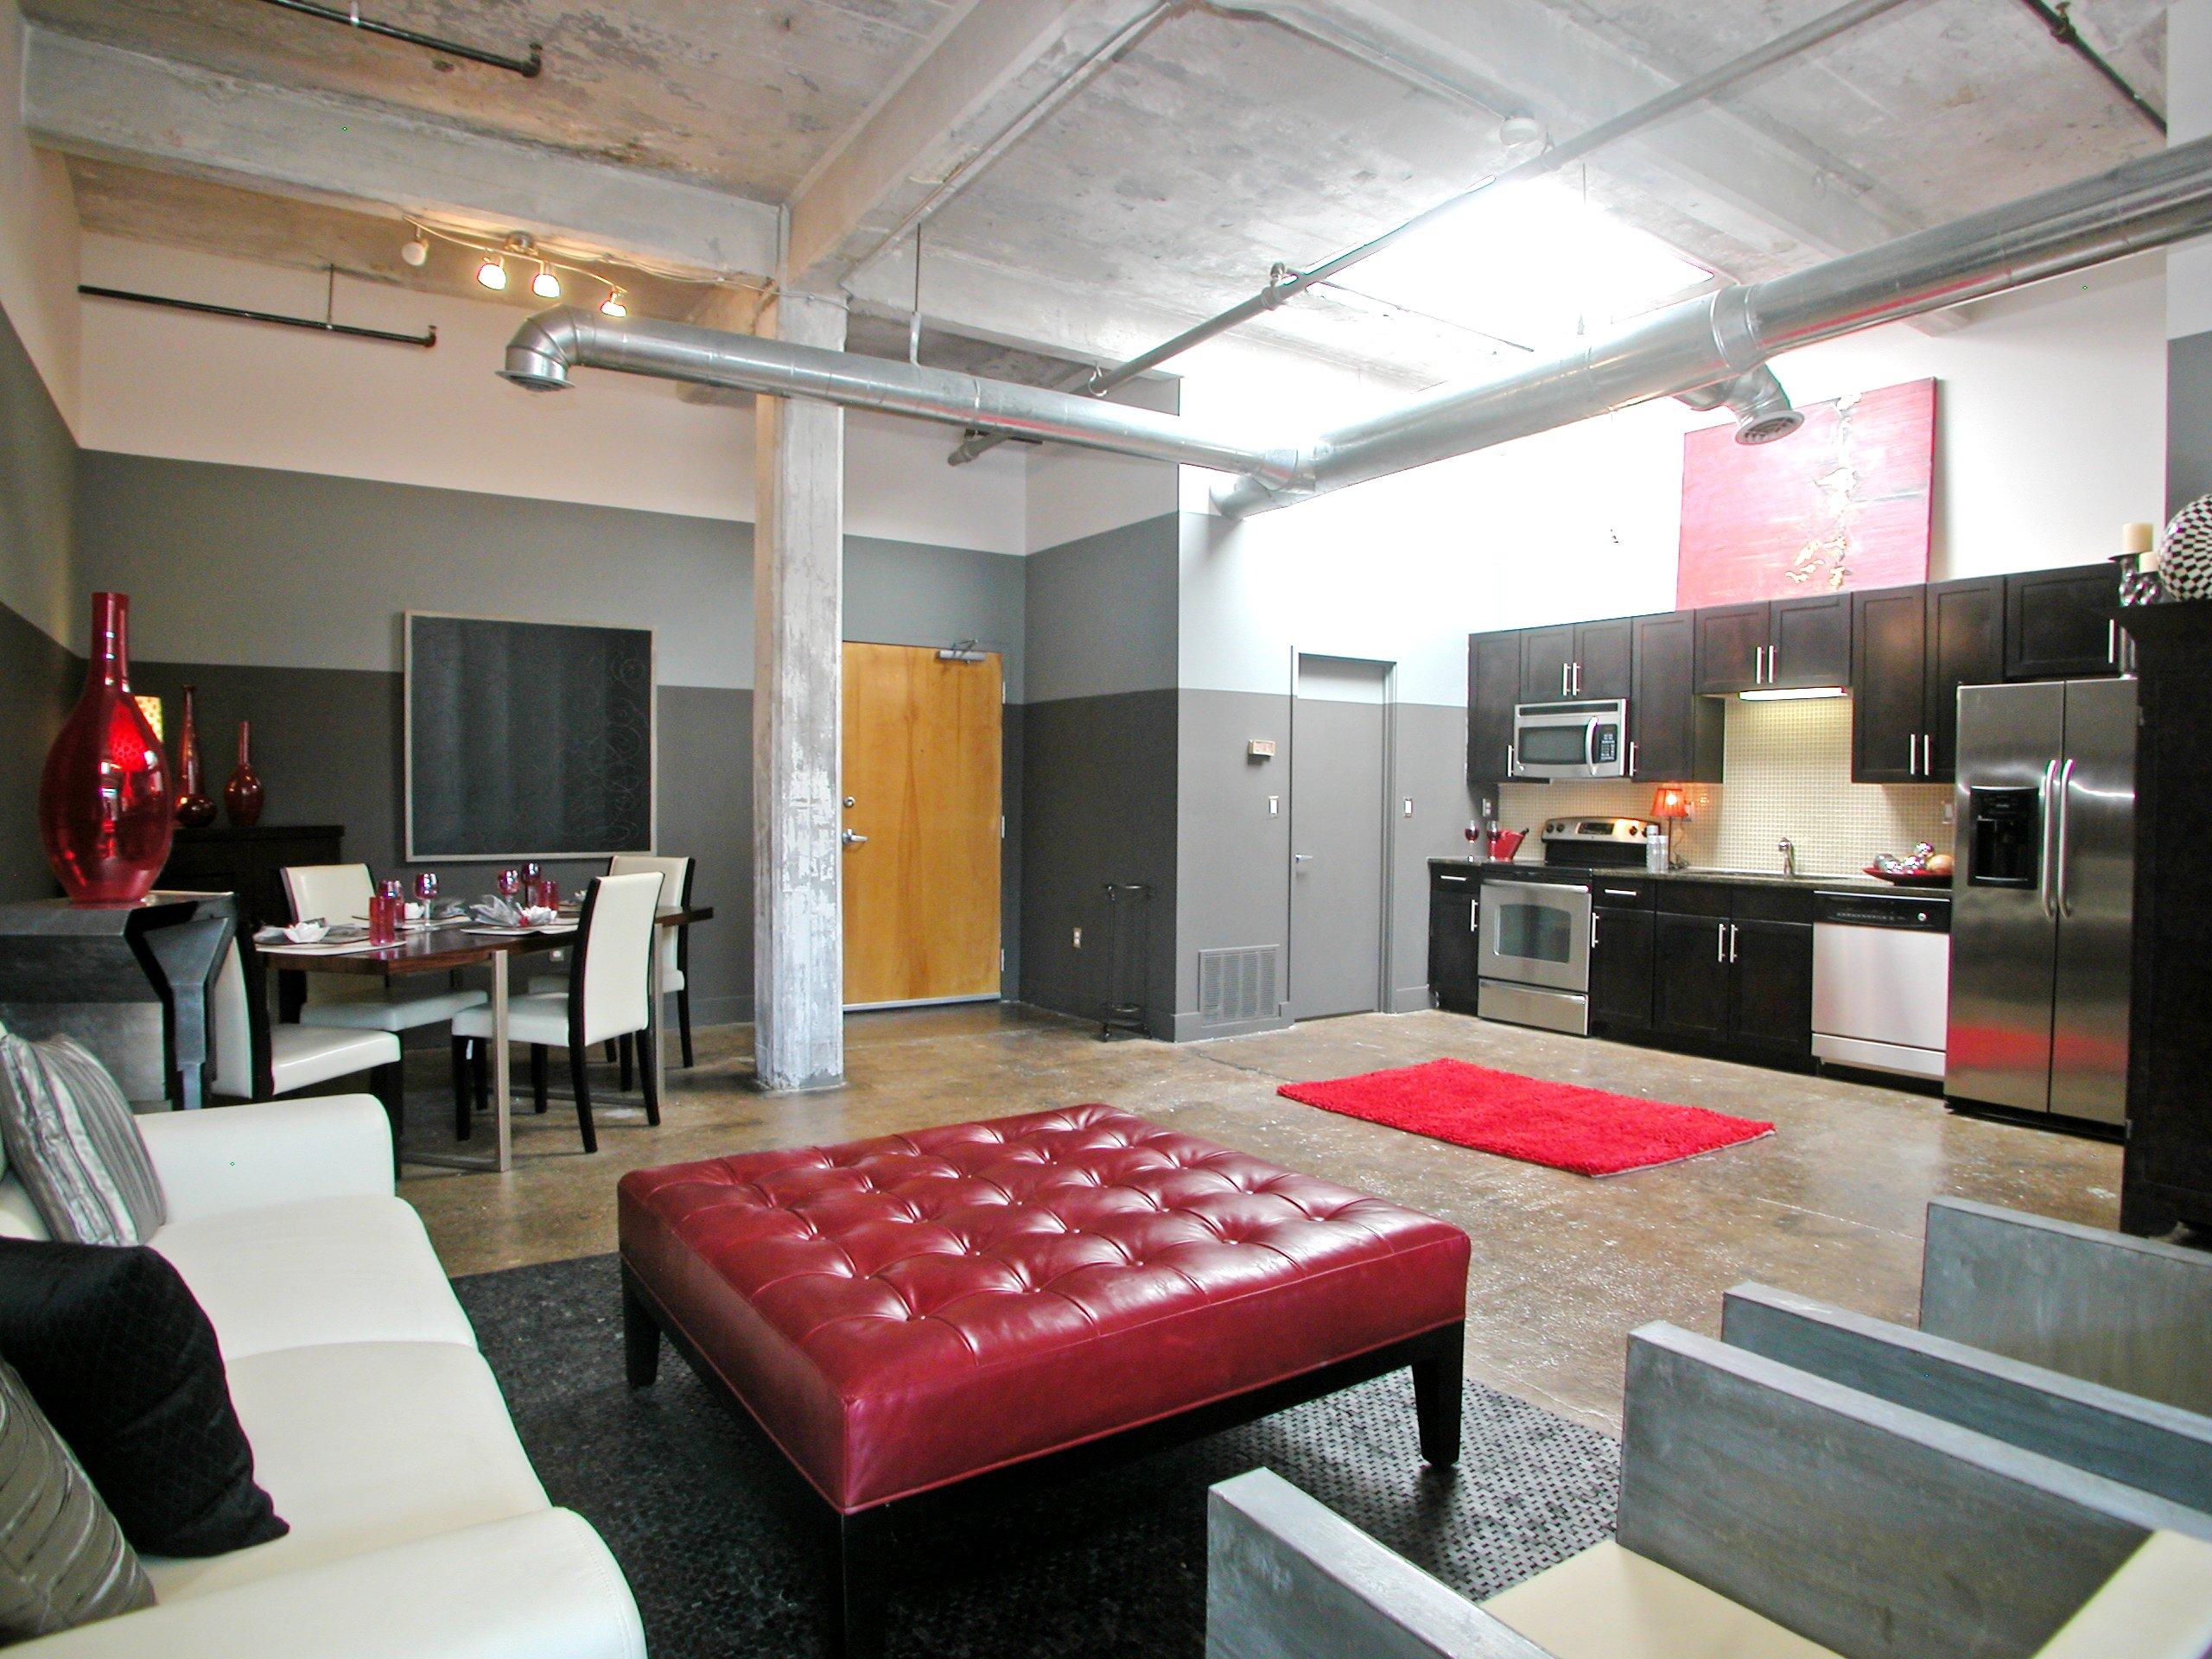 #AD1E2F cozinha industrial decoracao moda casa tendencias decoracao 2015 2560x1920 px Projeto De Cozinha Industrial Hotel_4665 Imagens